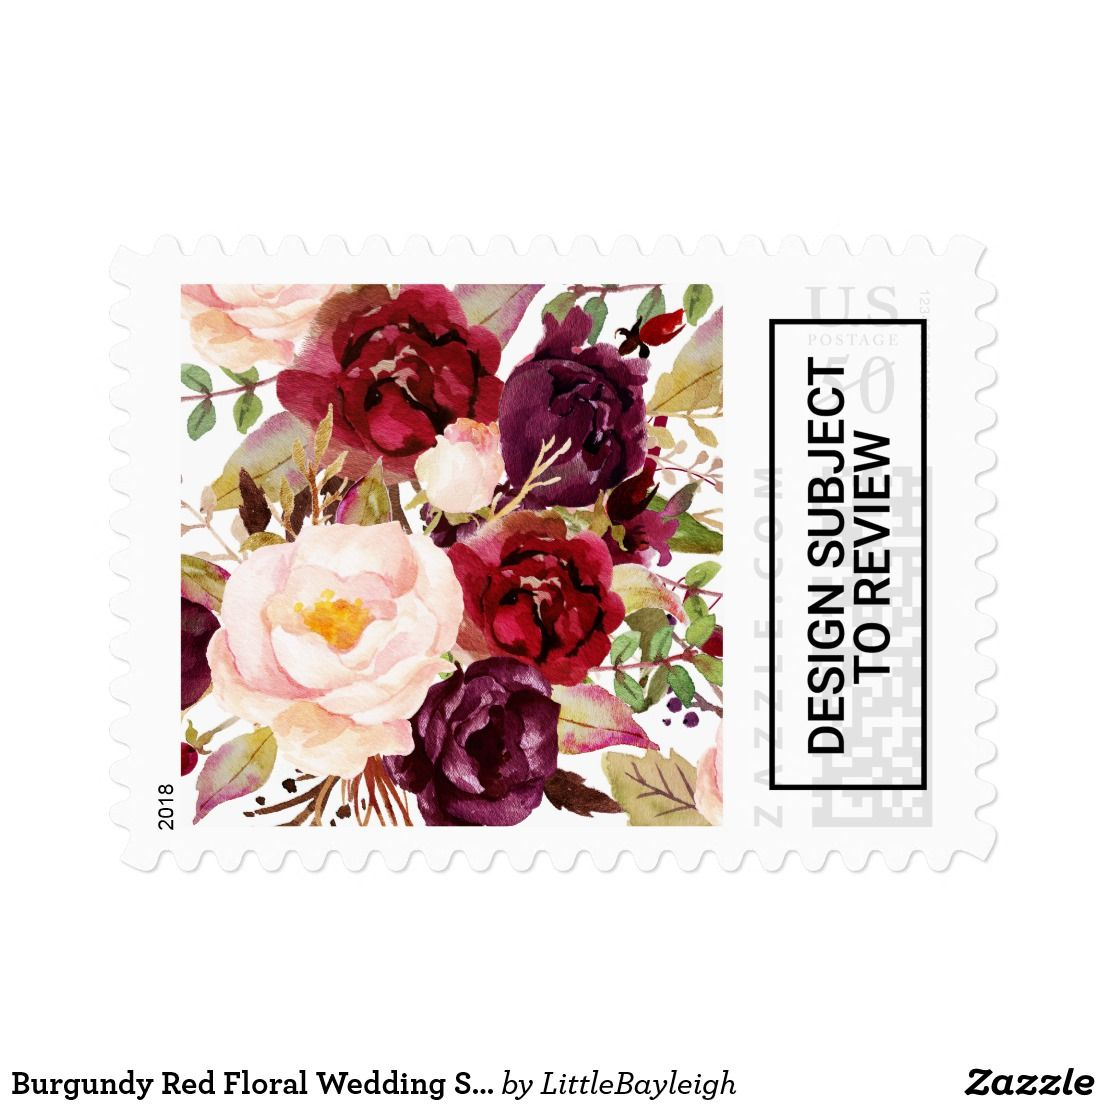 Burgundy Red Floral Wedding Stamp